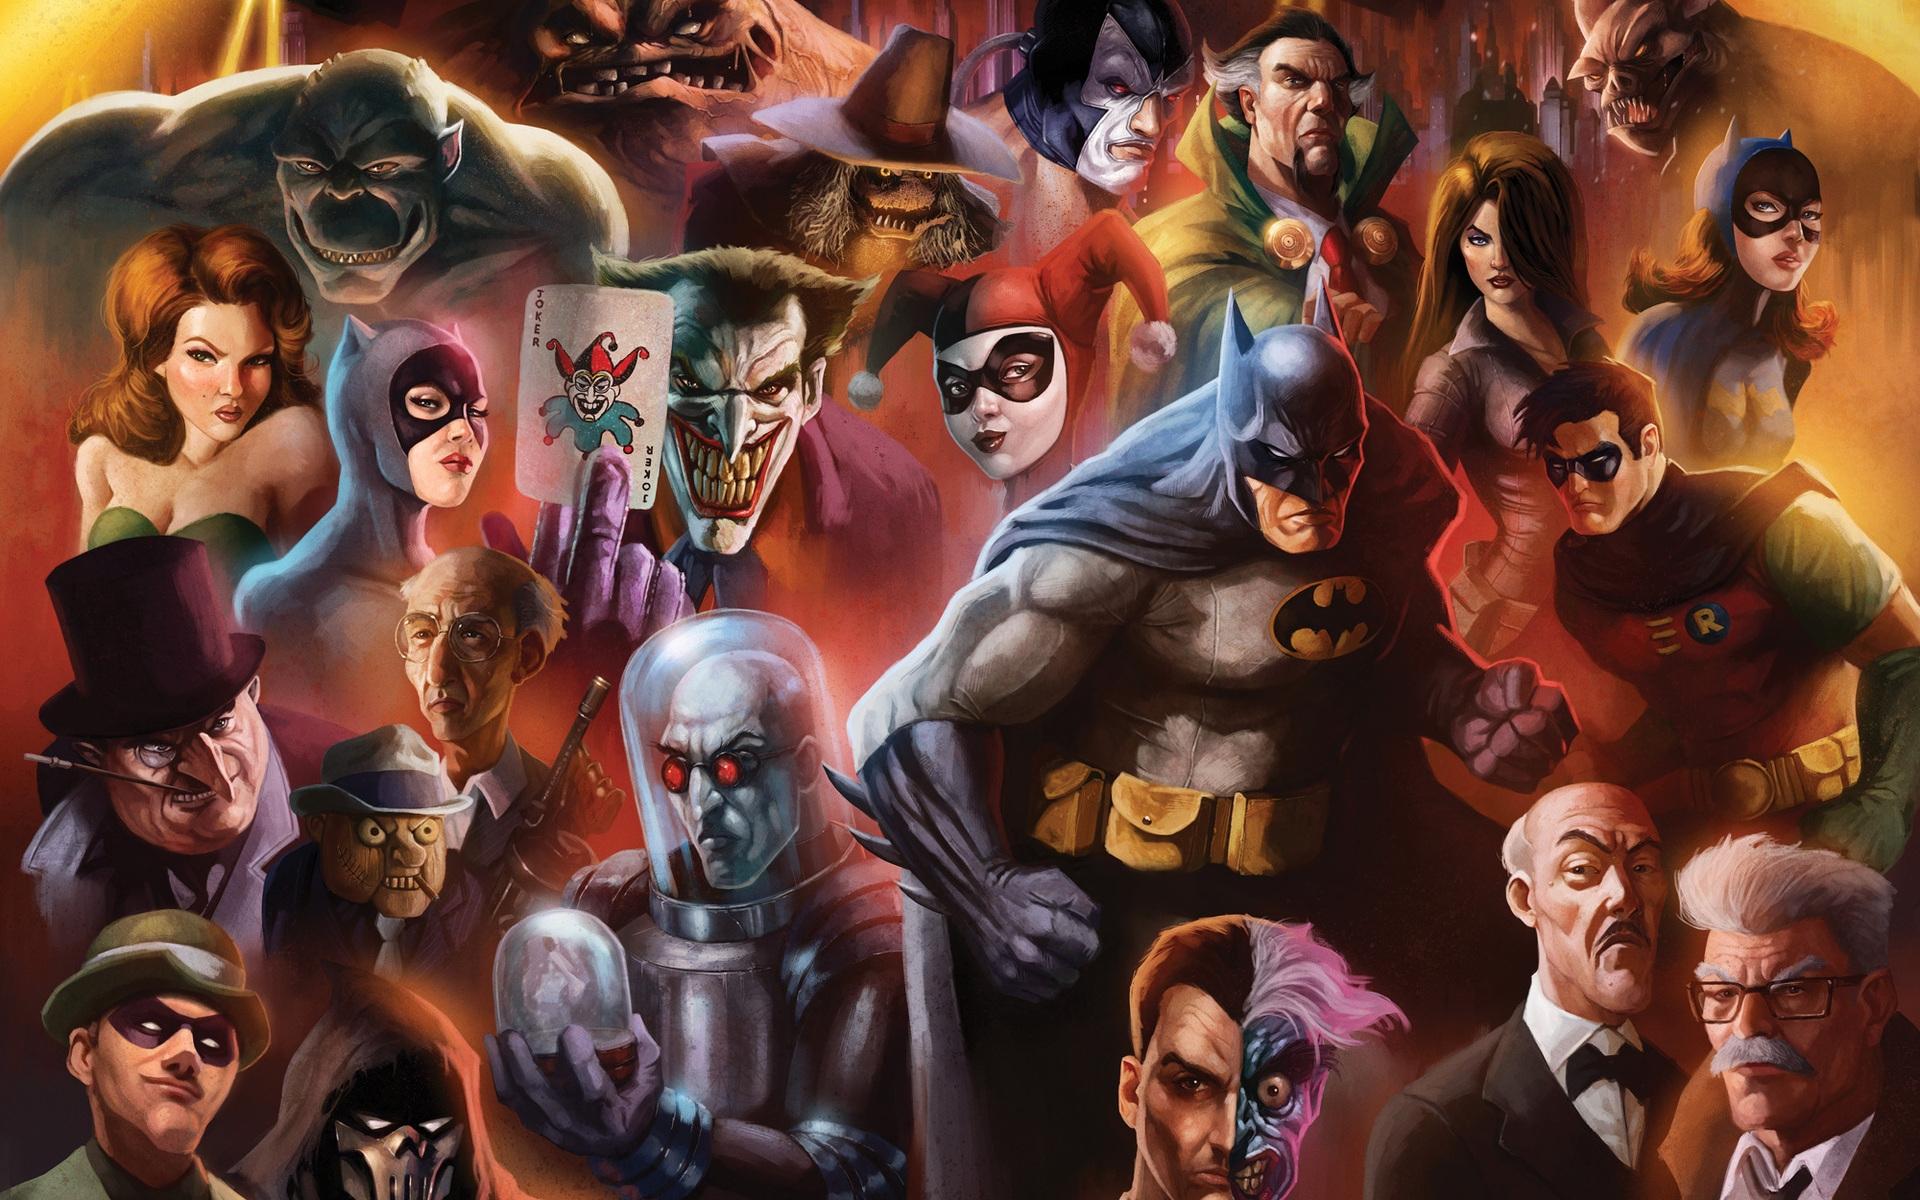 Free Download Wallpaper Hd Dc Comics Characters Hd Wallpaper